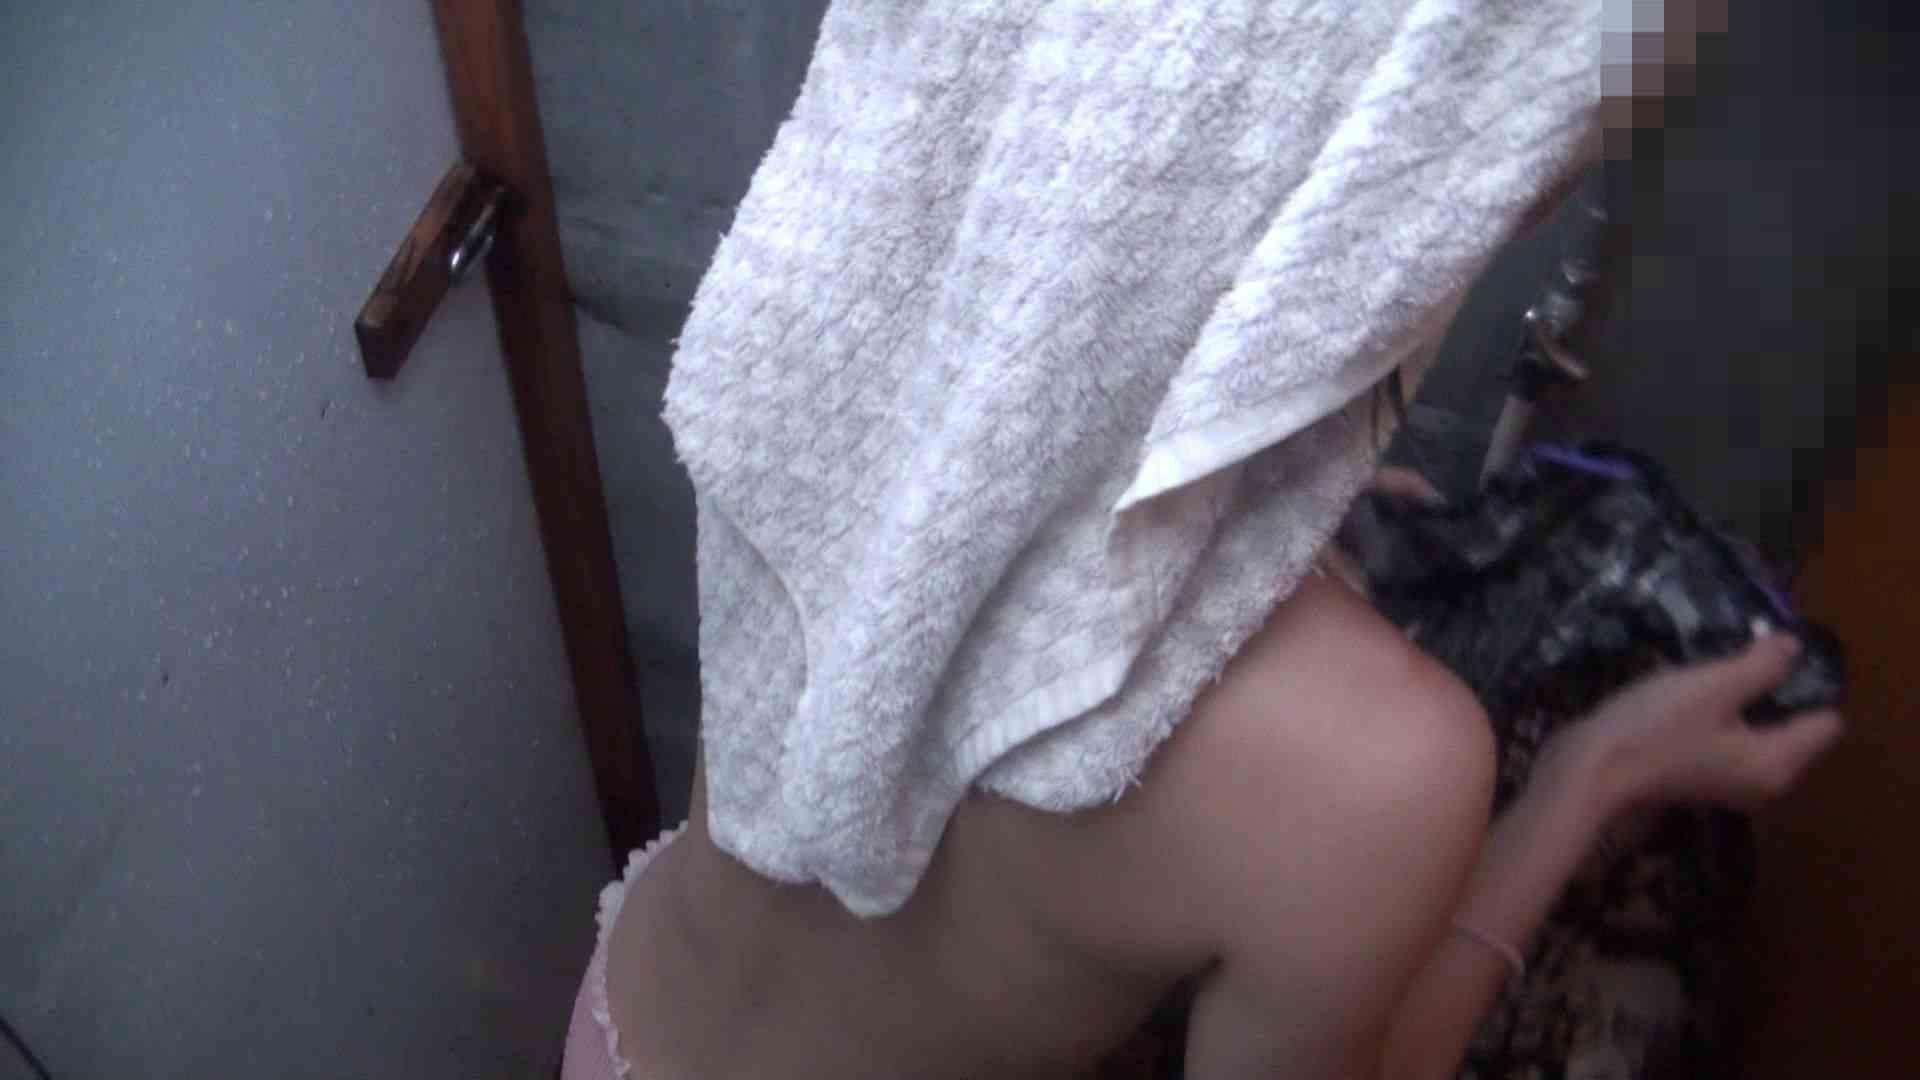 シャワールームは超!!危険な香りVol.21 オメメぱっちり貧乳ギャル鼻くそほじっても可愛いです 0   0  94画像 92